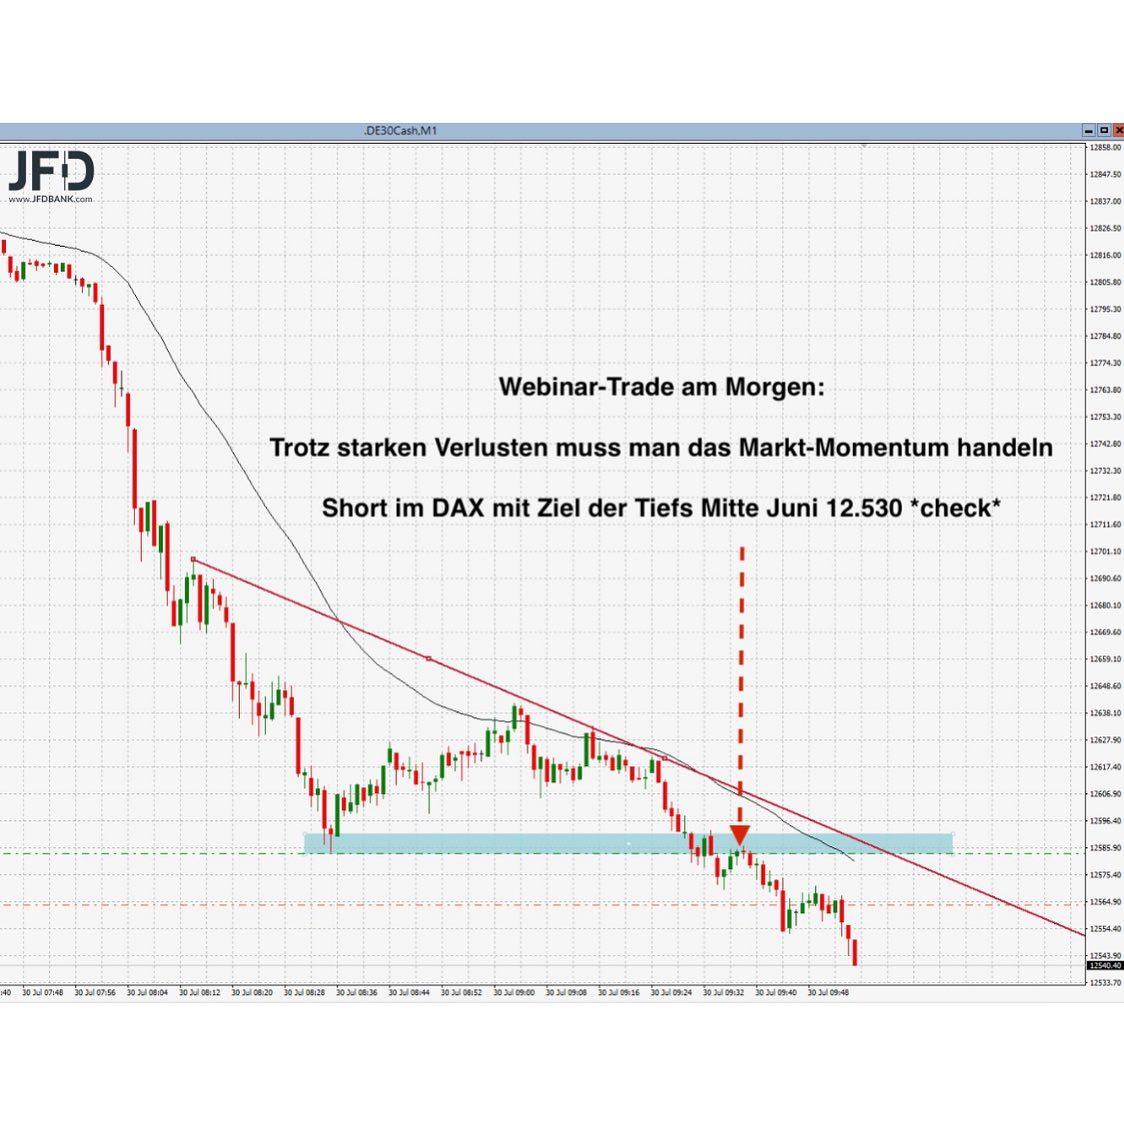 Entladung-des-DAX-auf-der-Unterseite-Hintergründe-und-Trading-Setups-Kommentar-JFD-Bank-GodmodeTrader.de-2